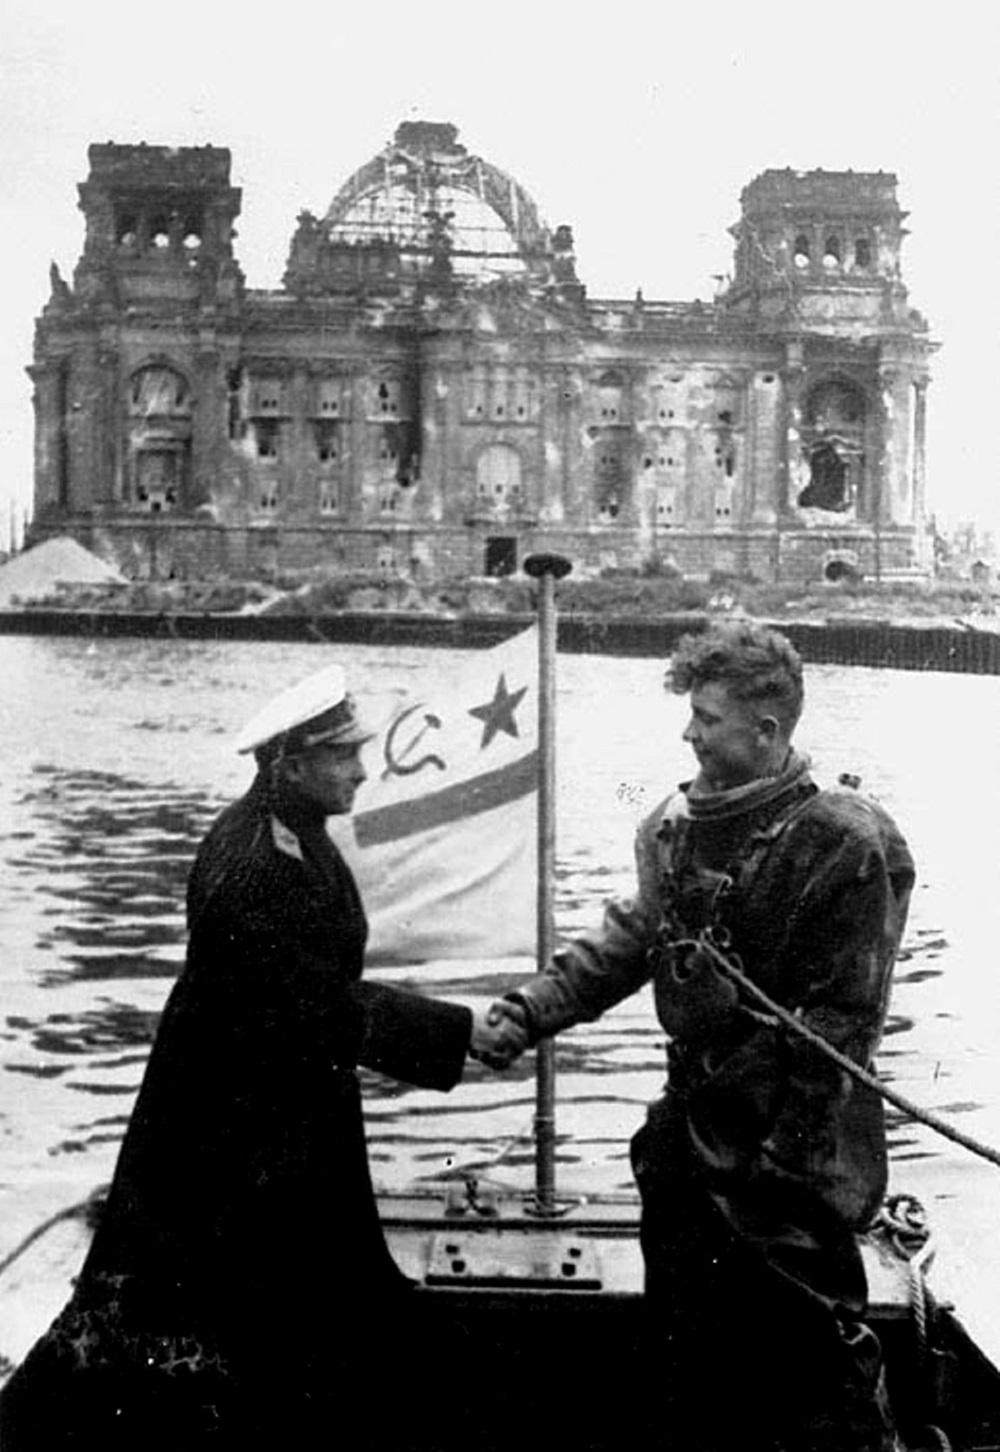 Контр-адмирал Ф.И.Крылов награждает орденом водолаза, разминирующего реку в Берлине.jpeg